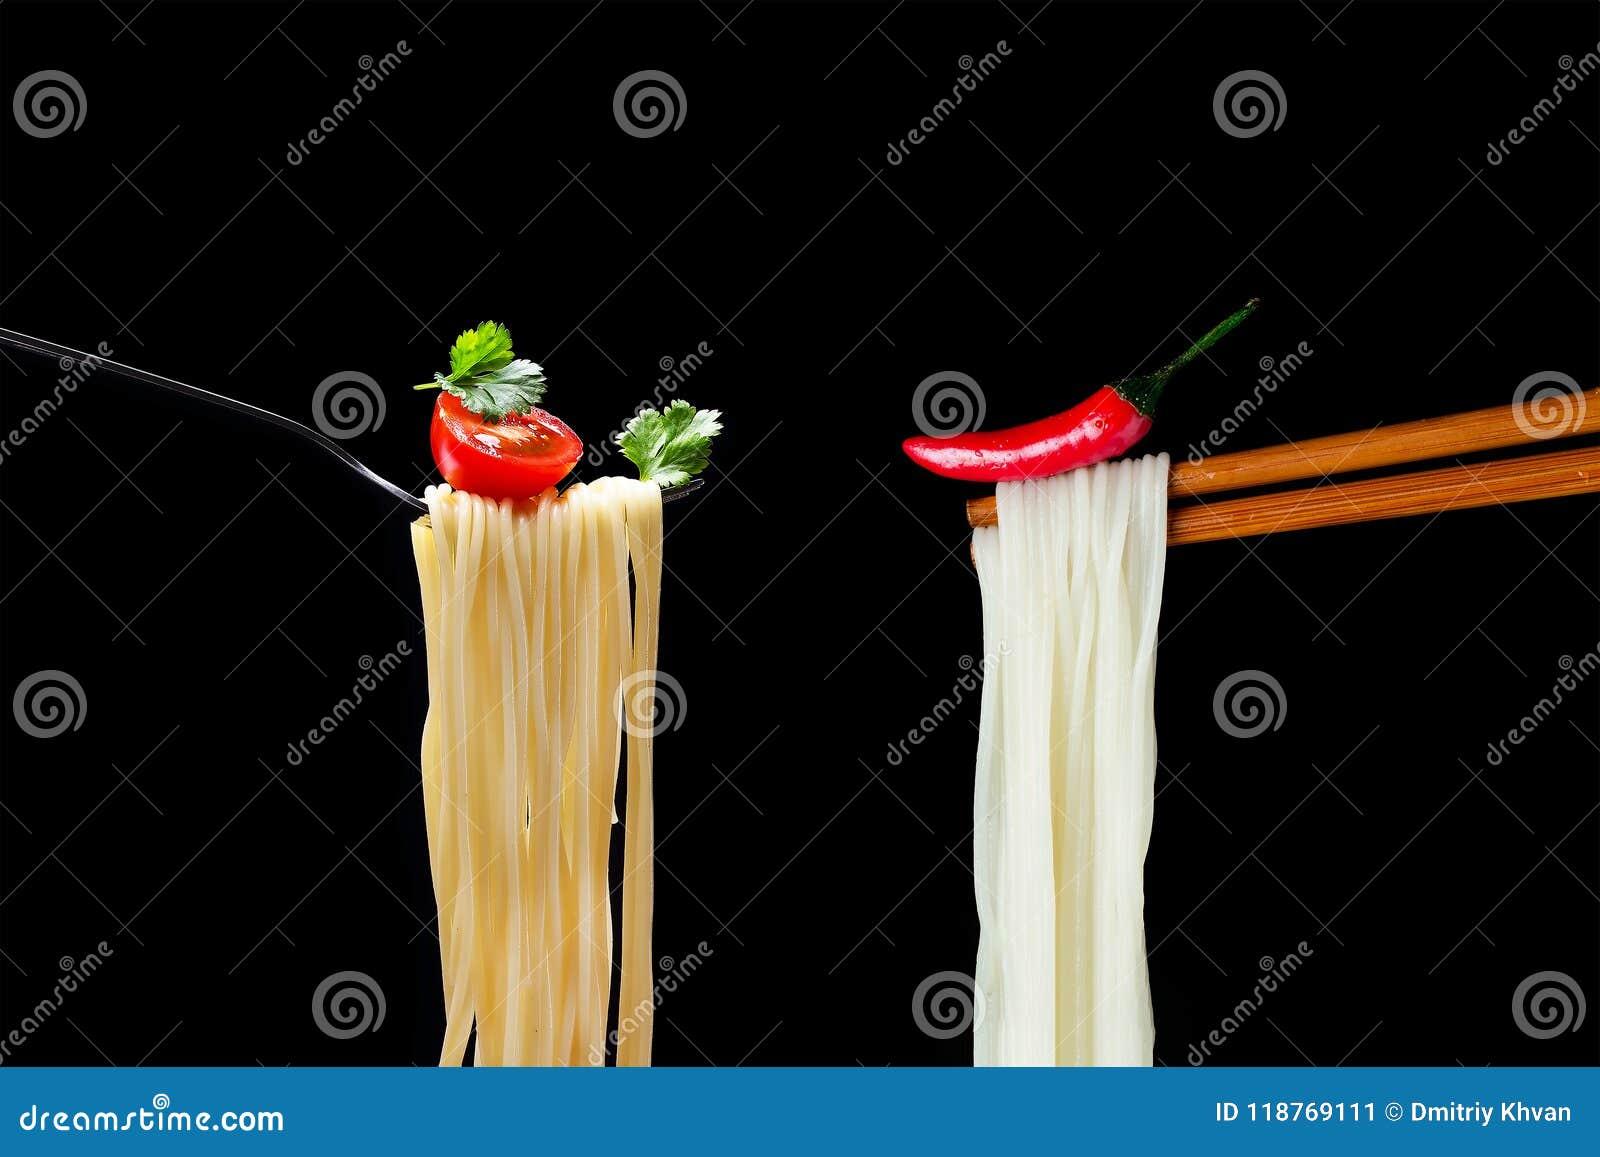 Heißes spagetti auf der Gabel mit Tomate und Petersilie und asiatisches noodl